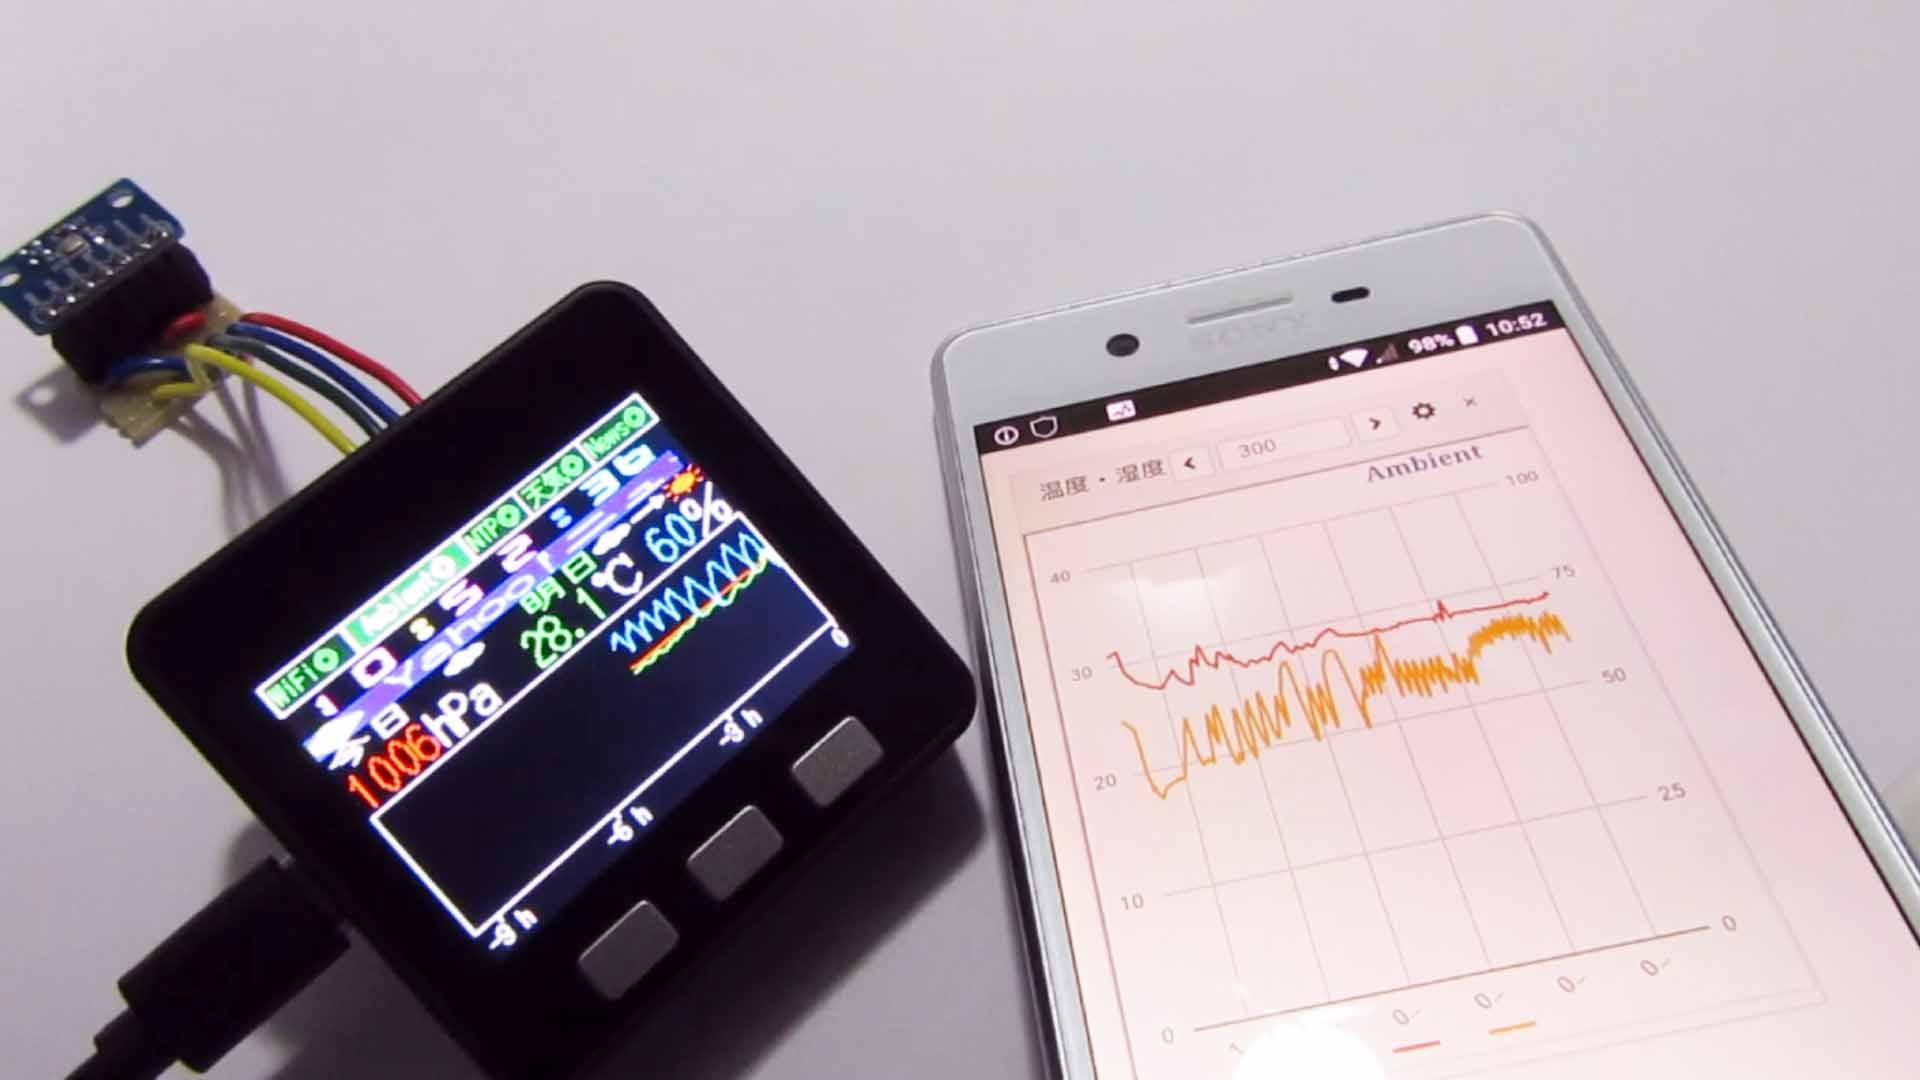 M5Stack に BME280 のグラフと、ニュース、天気予報を表示させ、Ambient へデータ送信させてみた